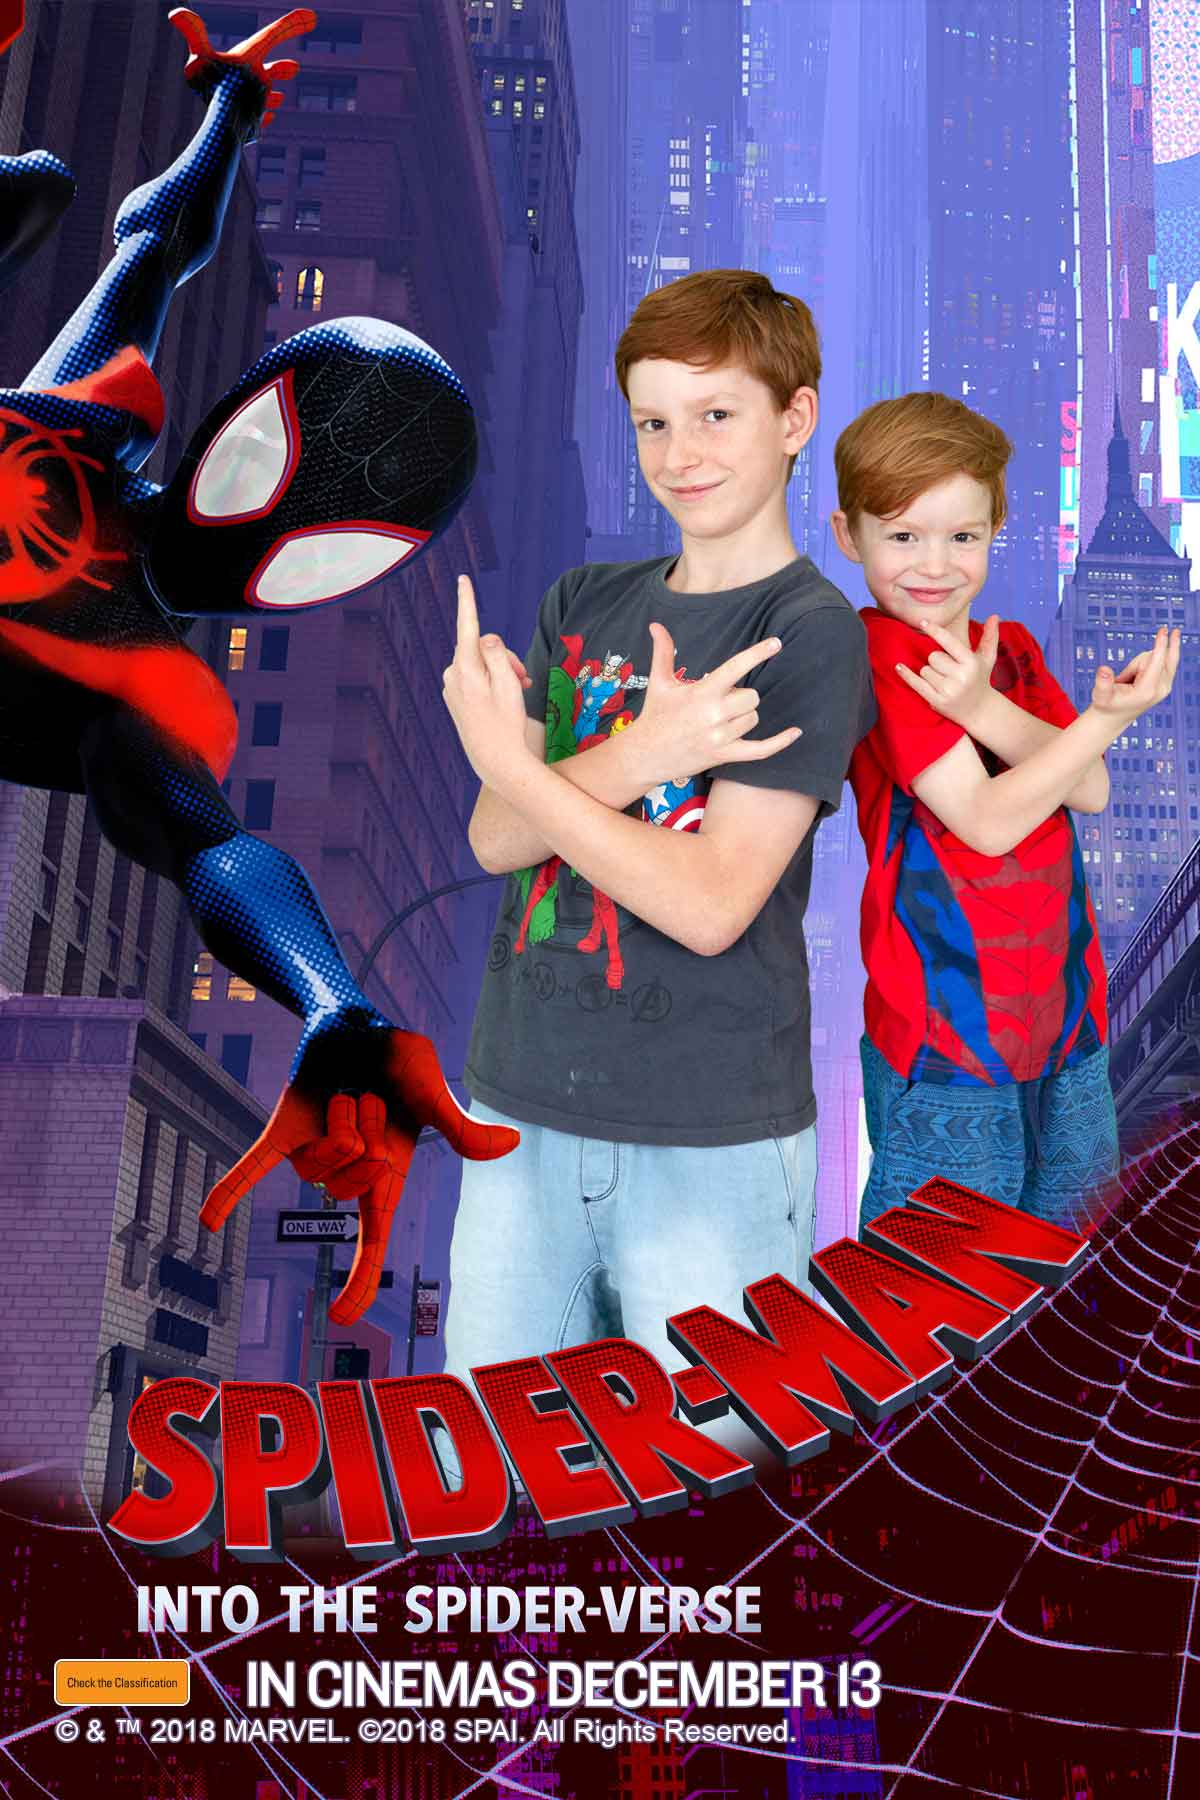 Spider Man Photo Booth Australia